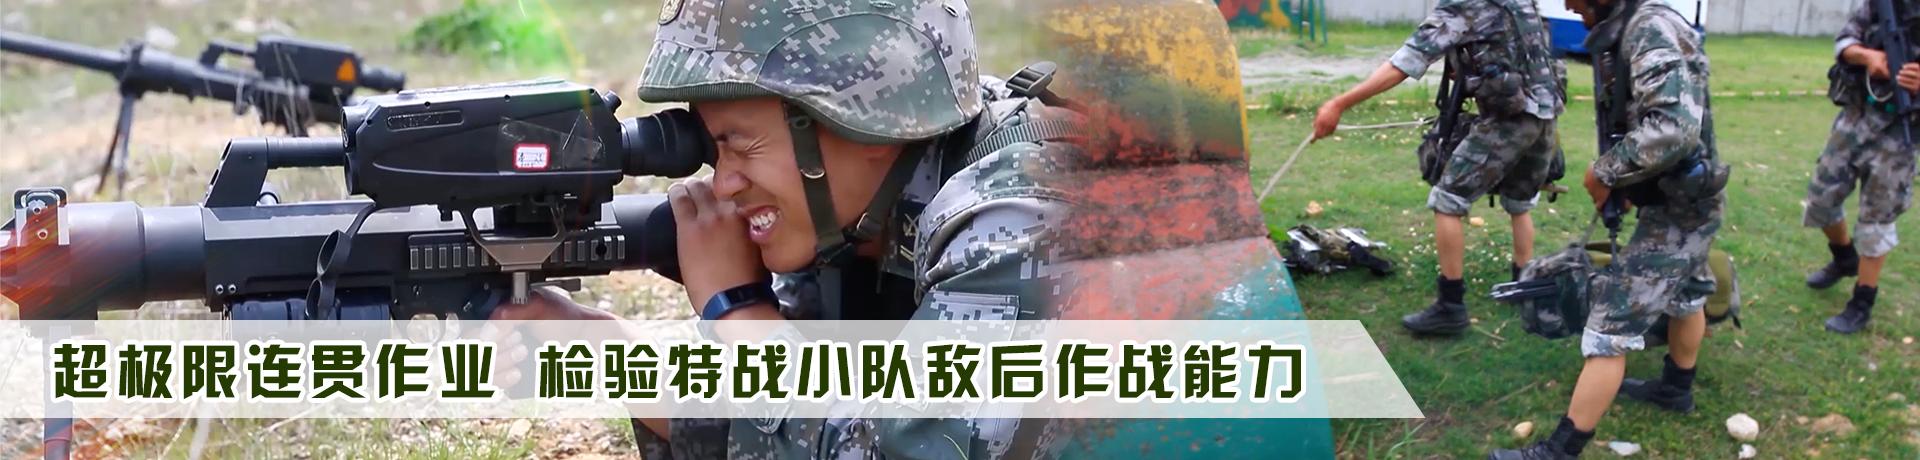 超極限連貫作業 檢驗特戰小隊敵后作戰能力